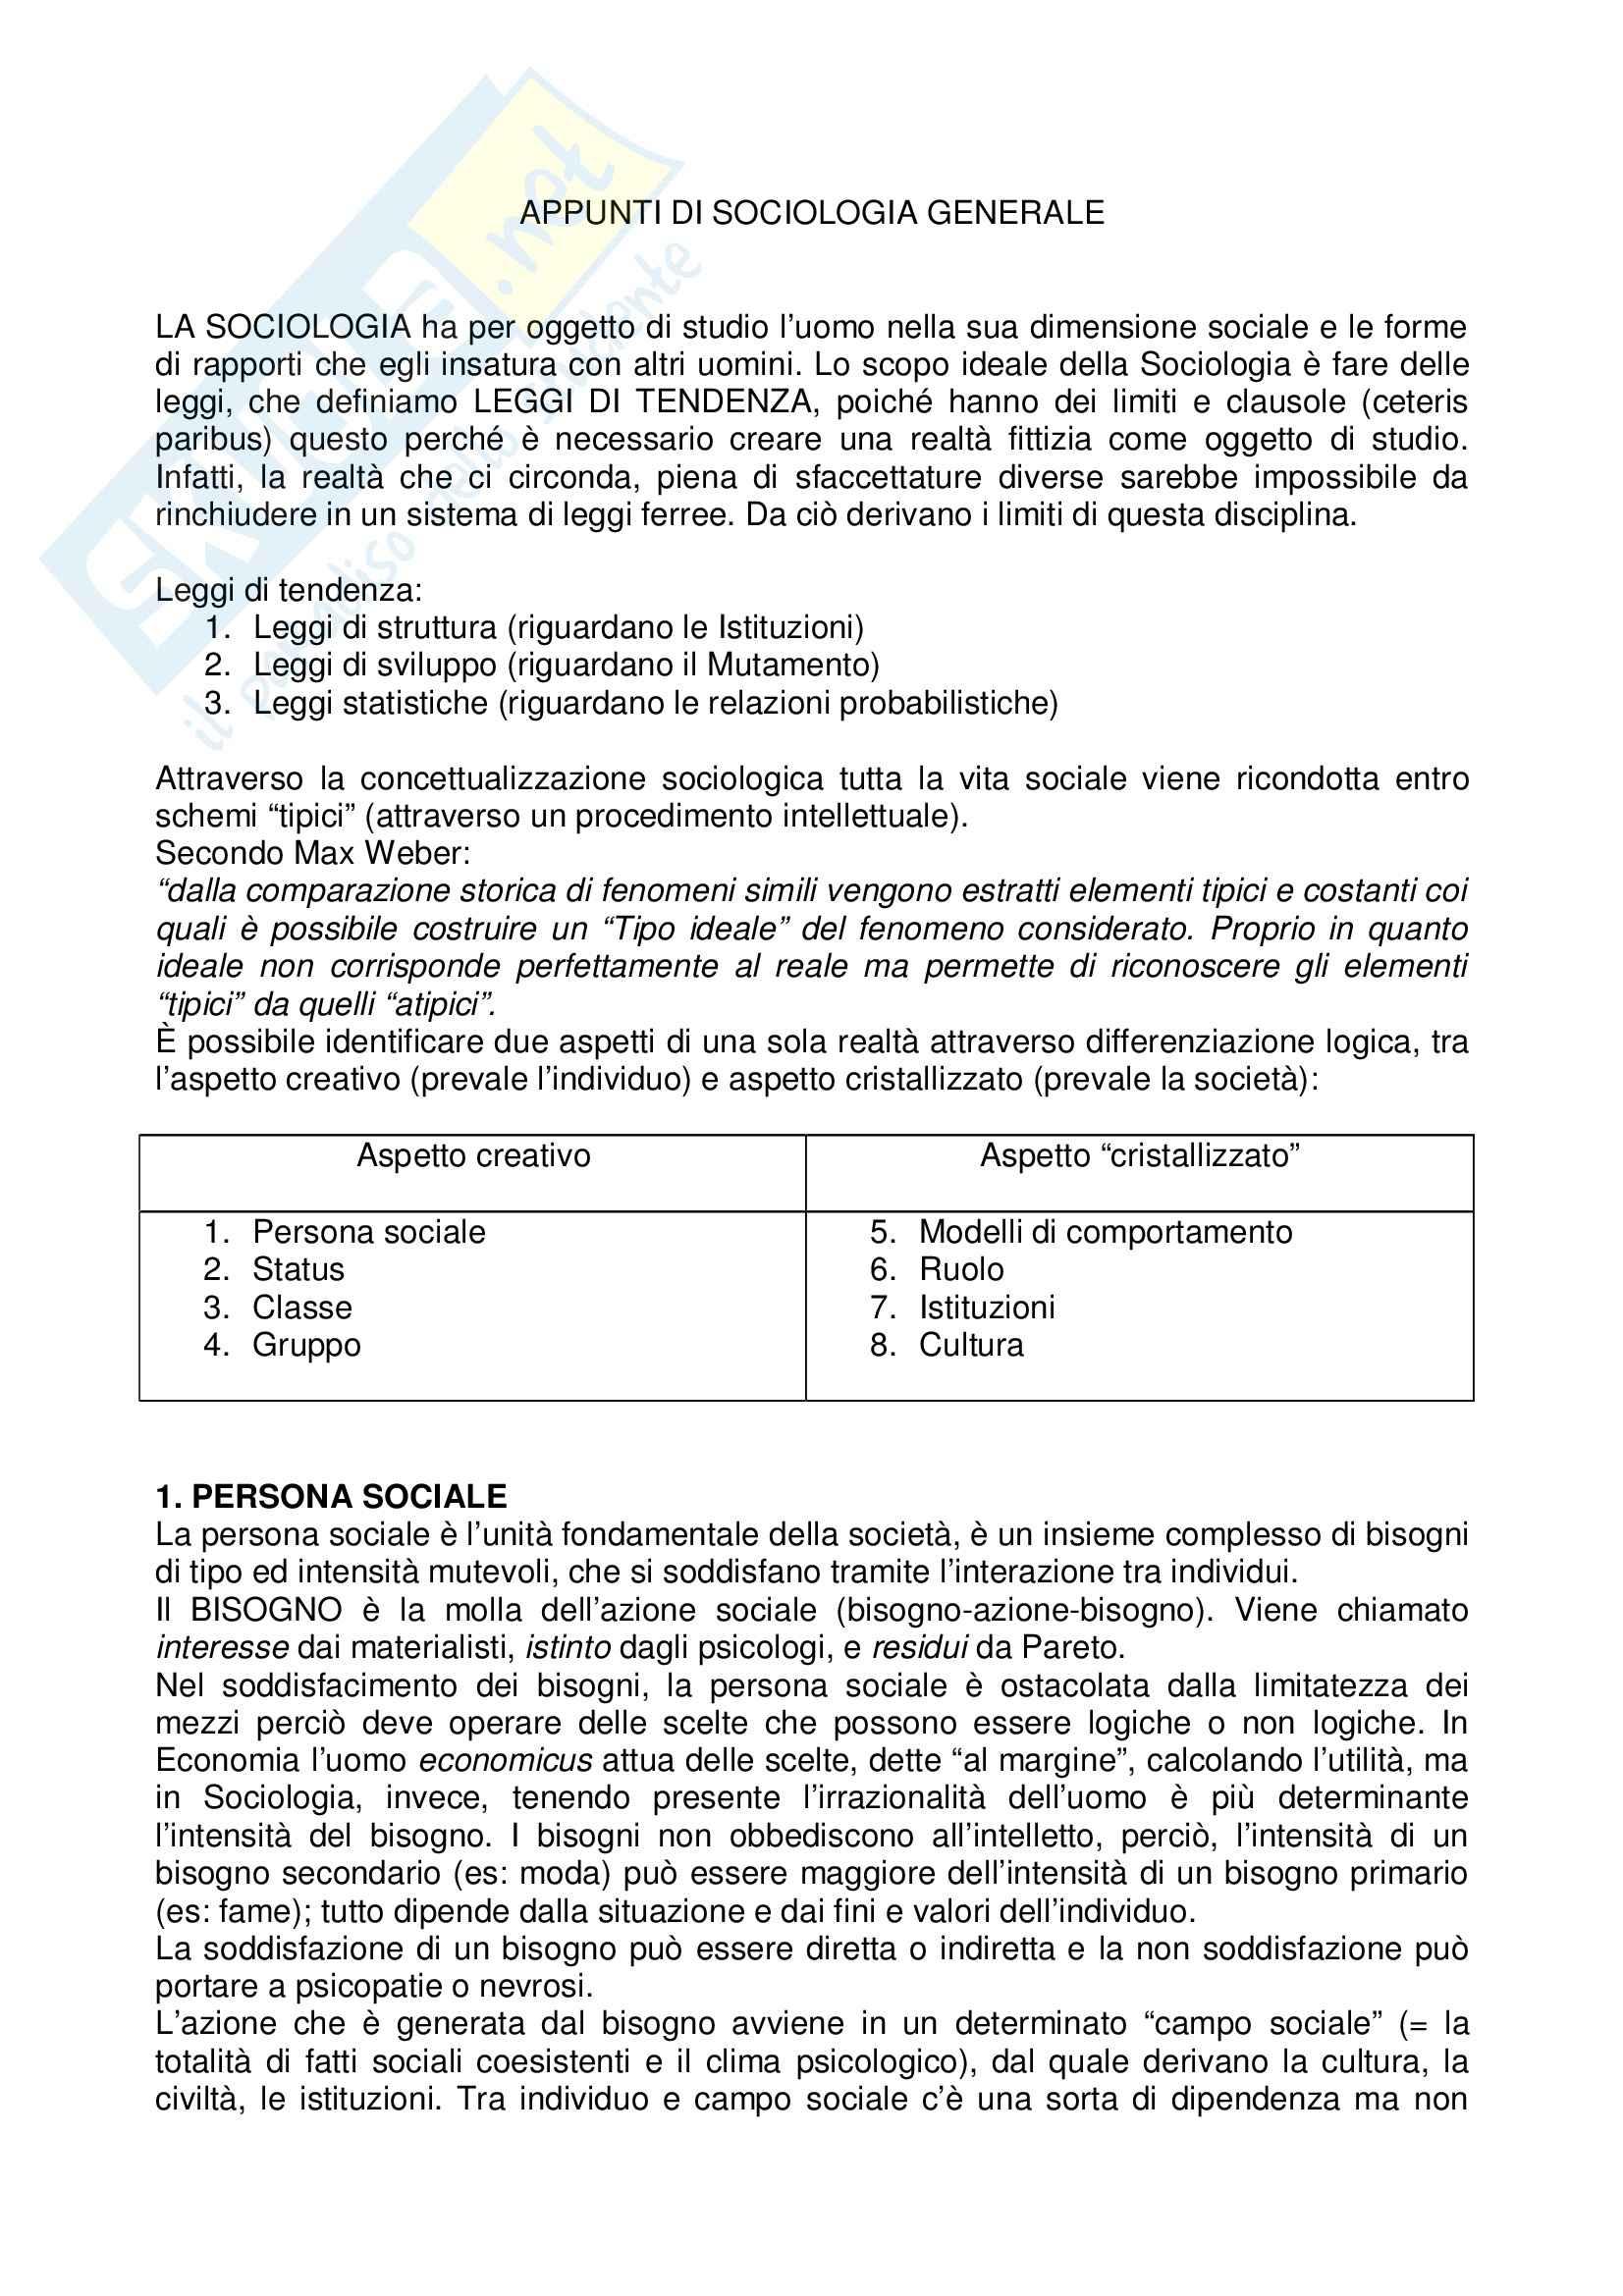 La conoscenza sociologica, Mongardini - Appunti